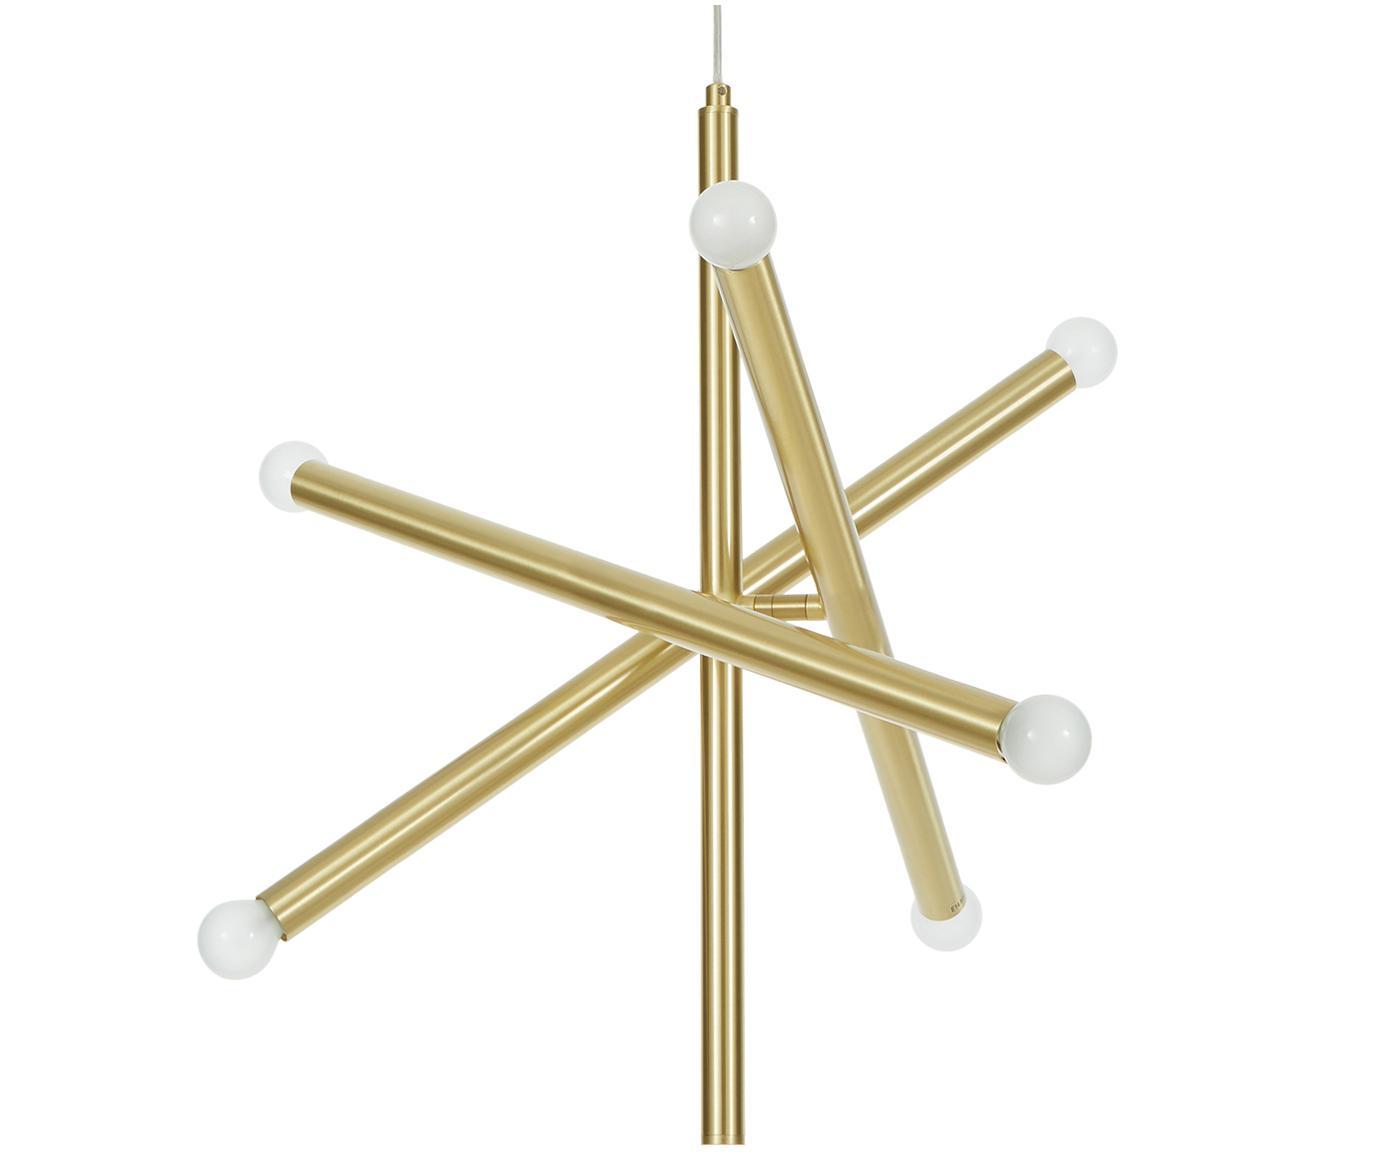 Lámpara colgante Sticks, Anclaje: metal cepillado, Cable: plástico, Latón, An 60 x Al 100 cm